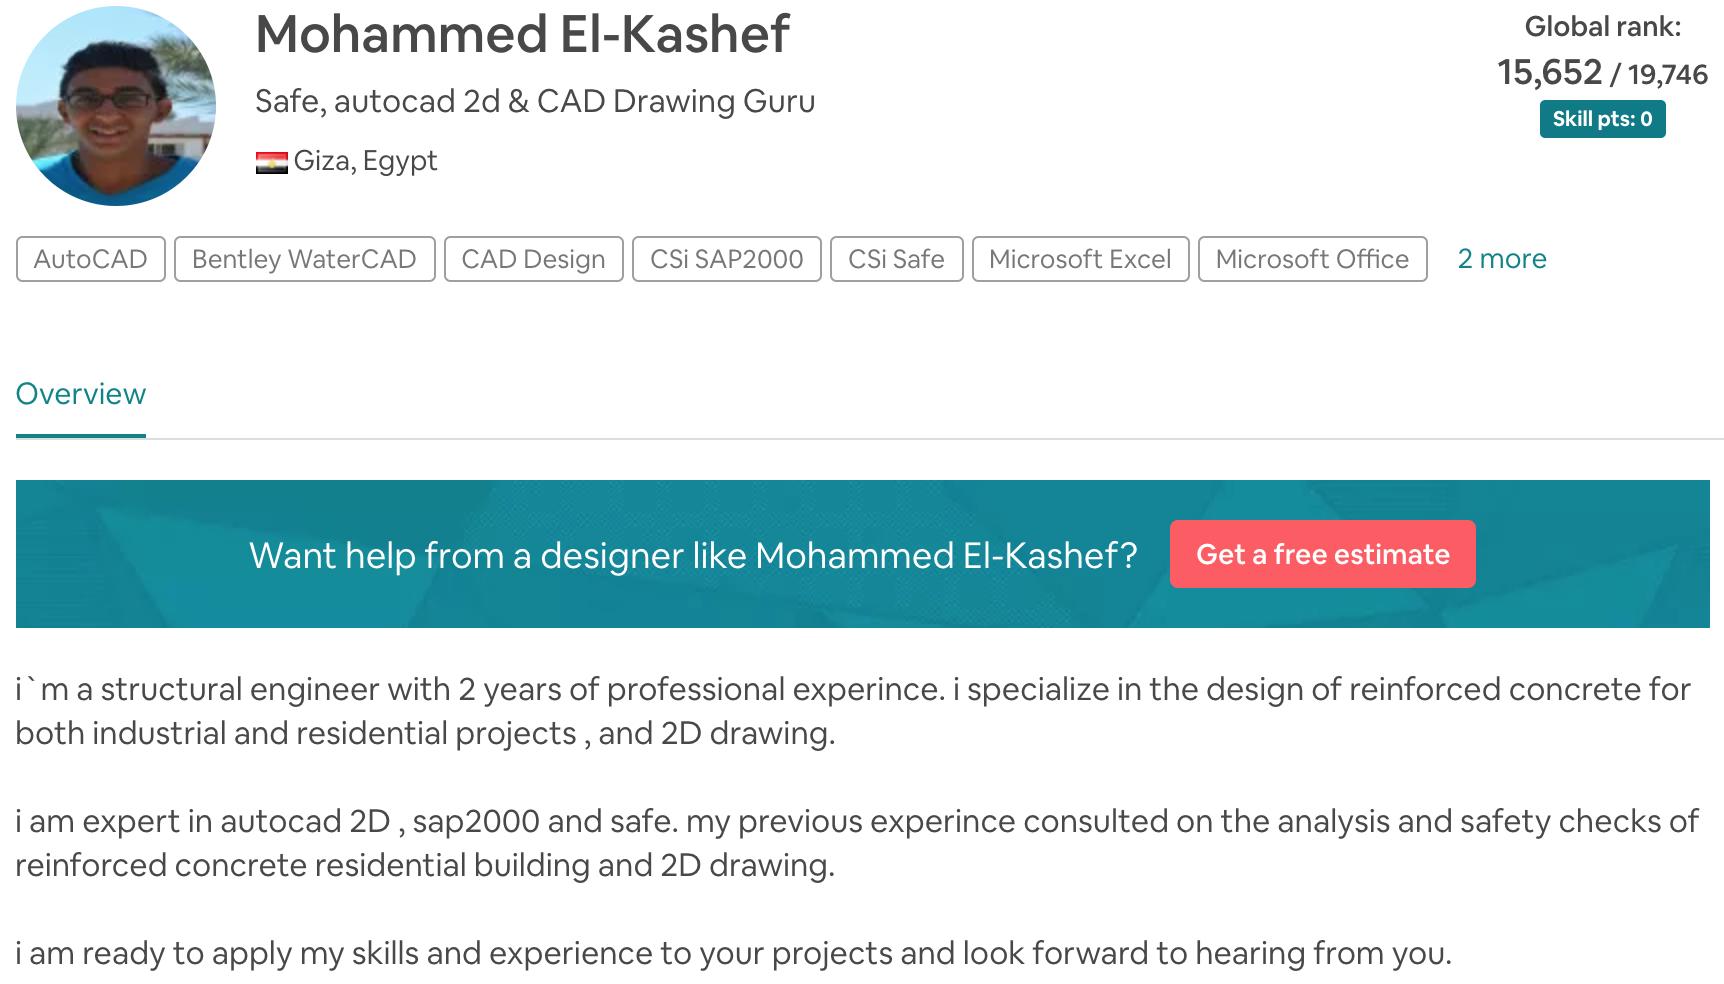 Mohammed El-Kashef Safe, autocad 2d and CAD Drawing Guru